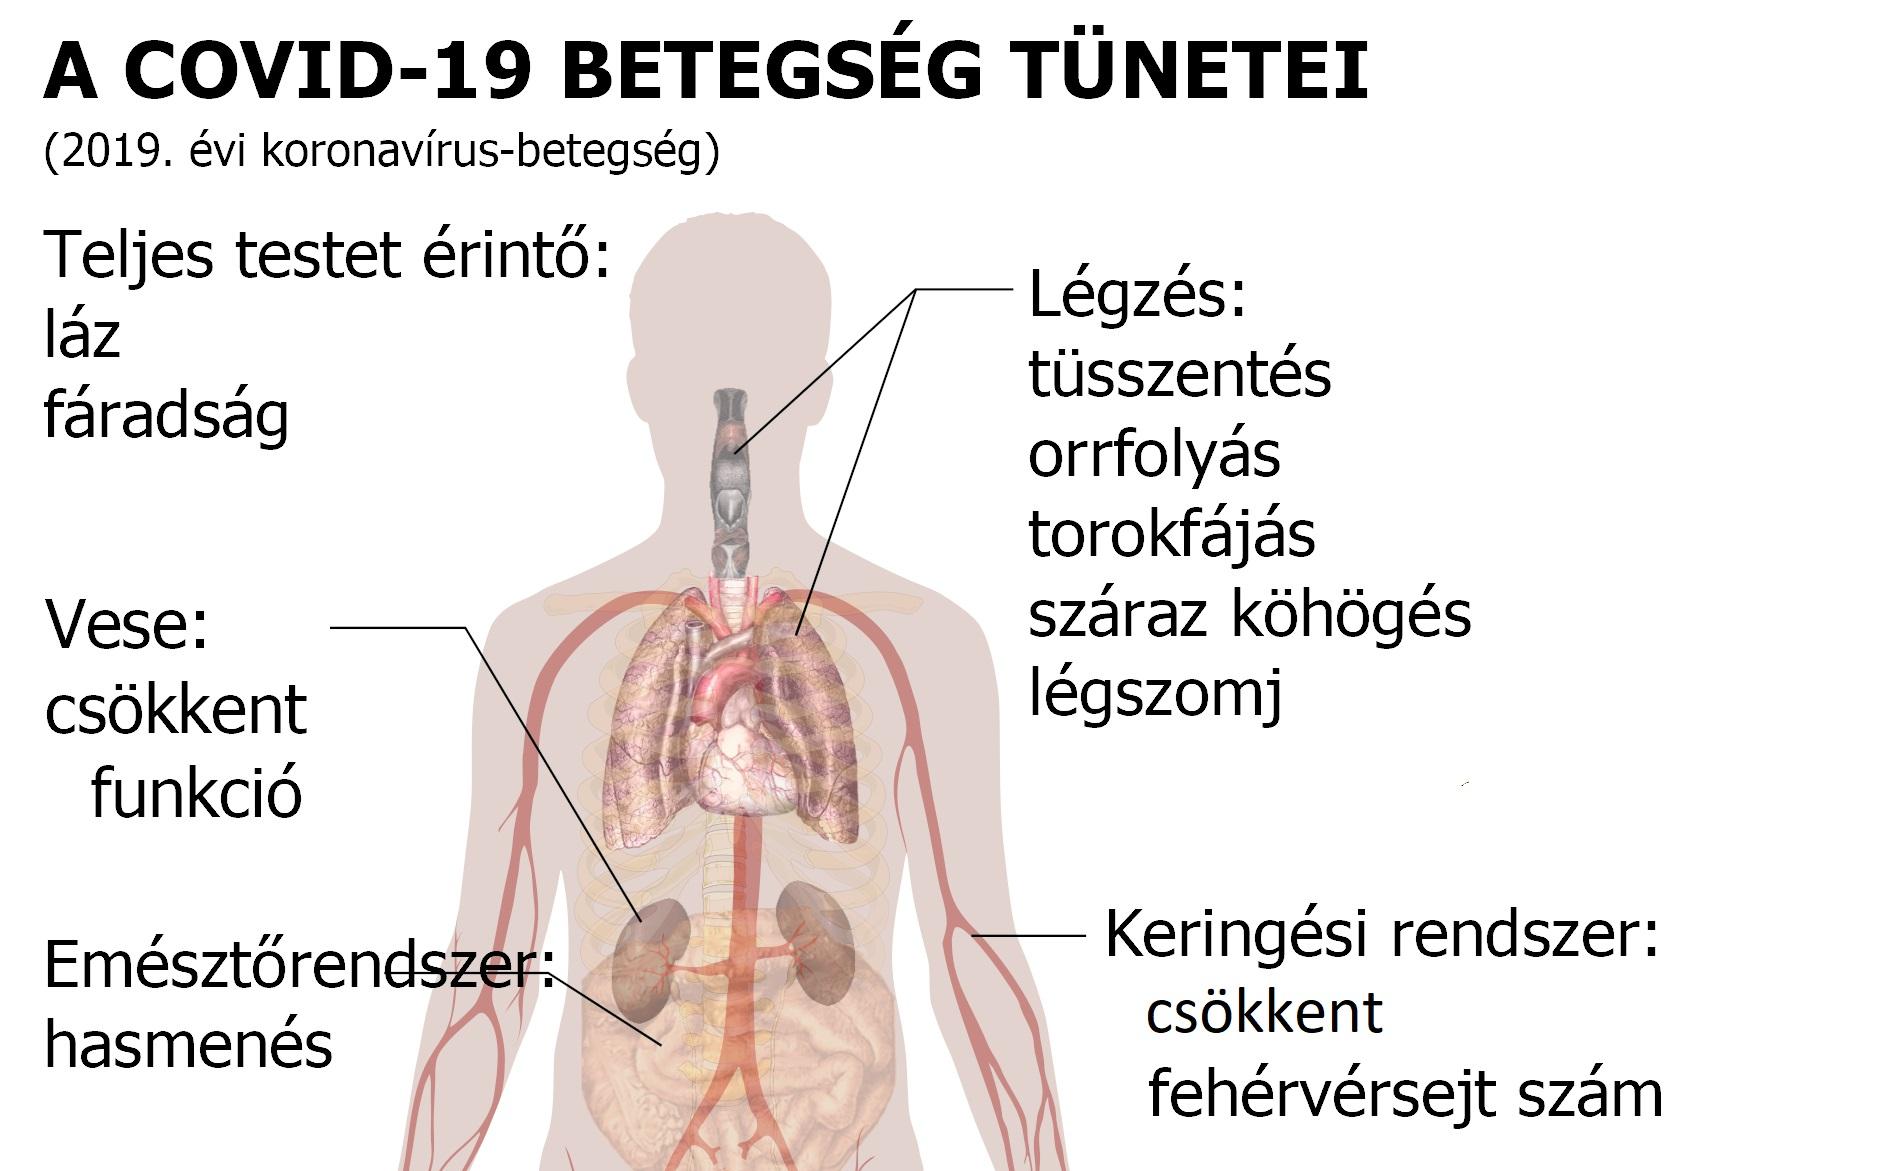 magas vérnyomás elleni gyógyszerek mellékhatások nélkül magas vérnyomás kezelés időskorban